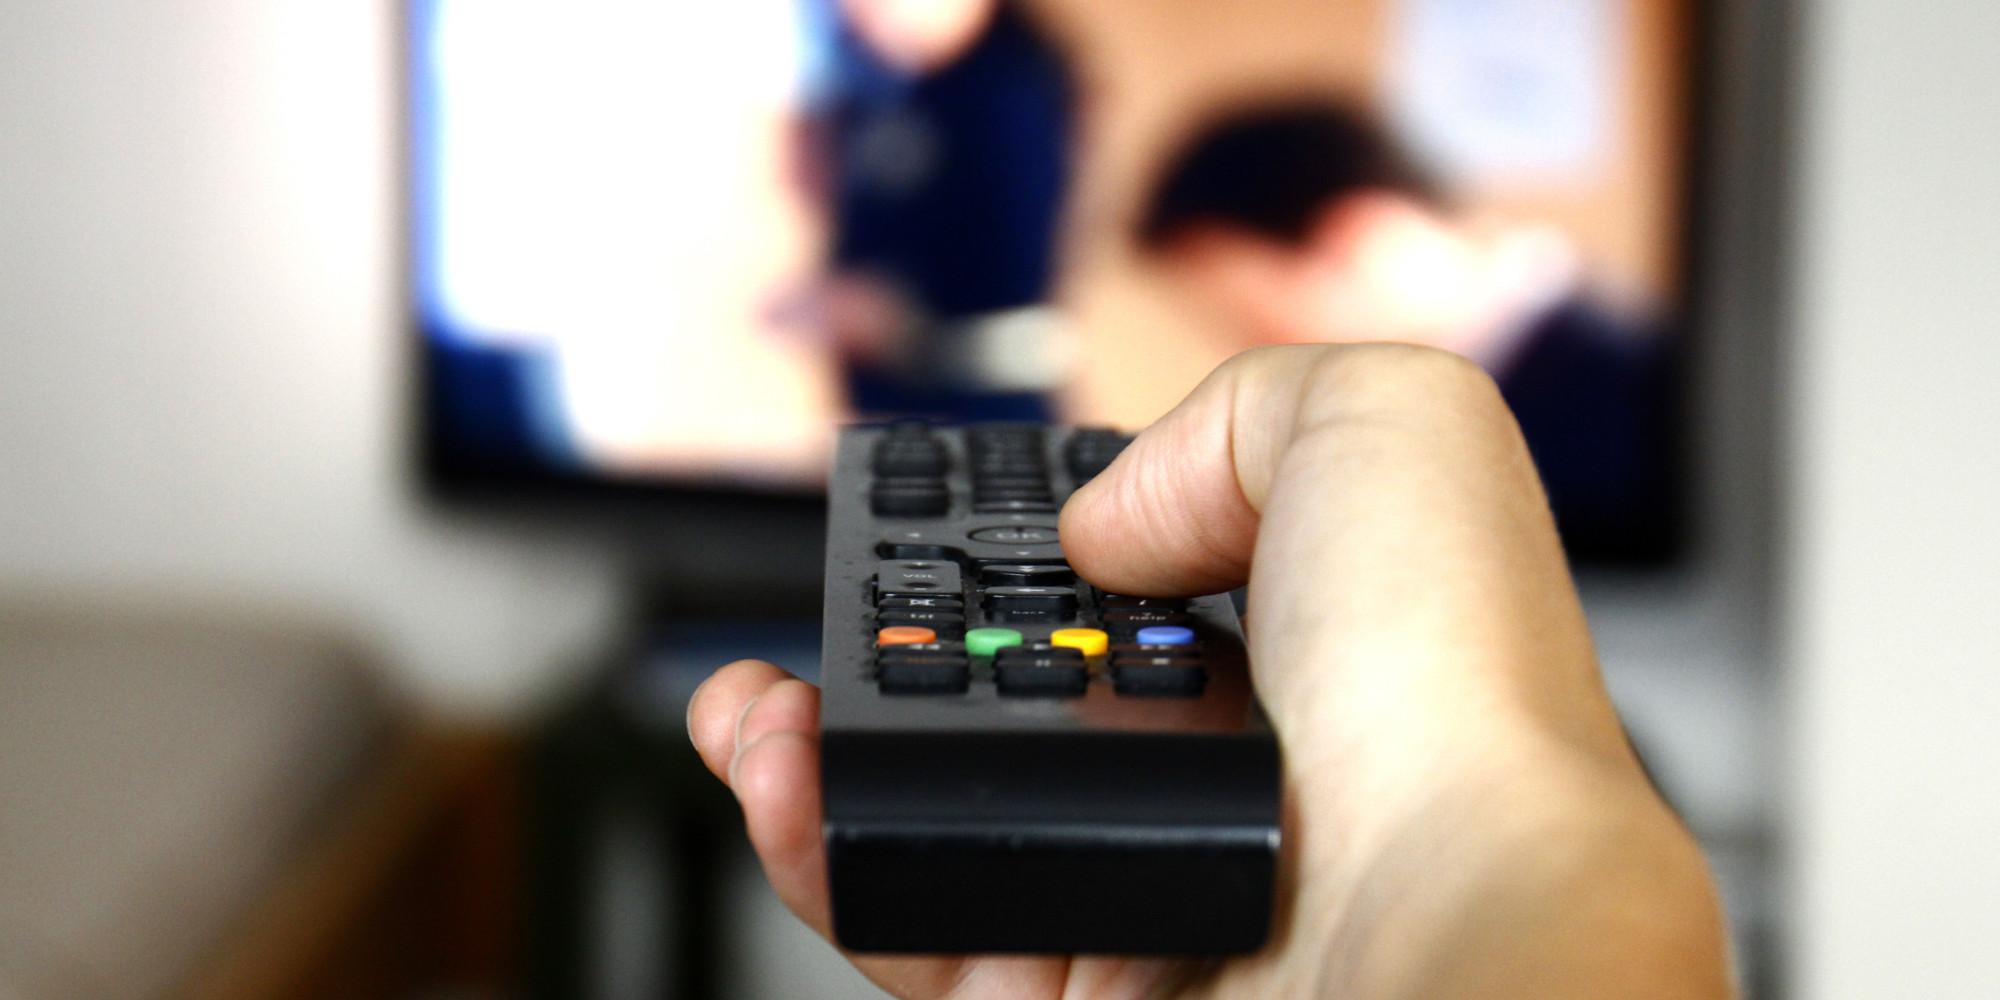 رخصة مشاهدة التلفاز